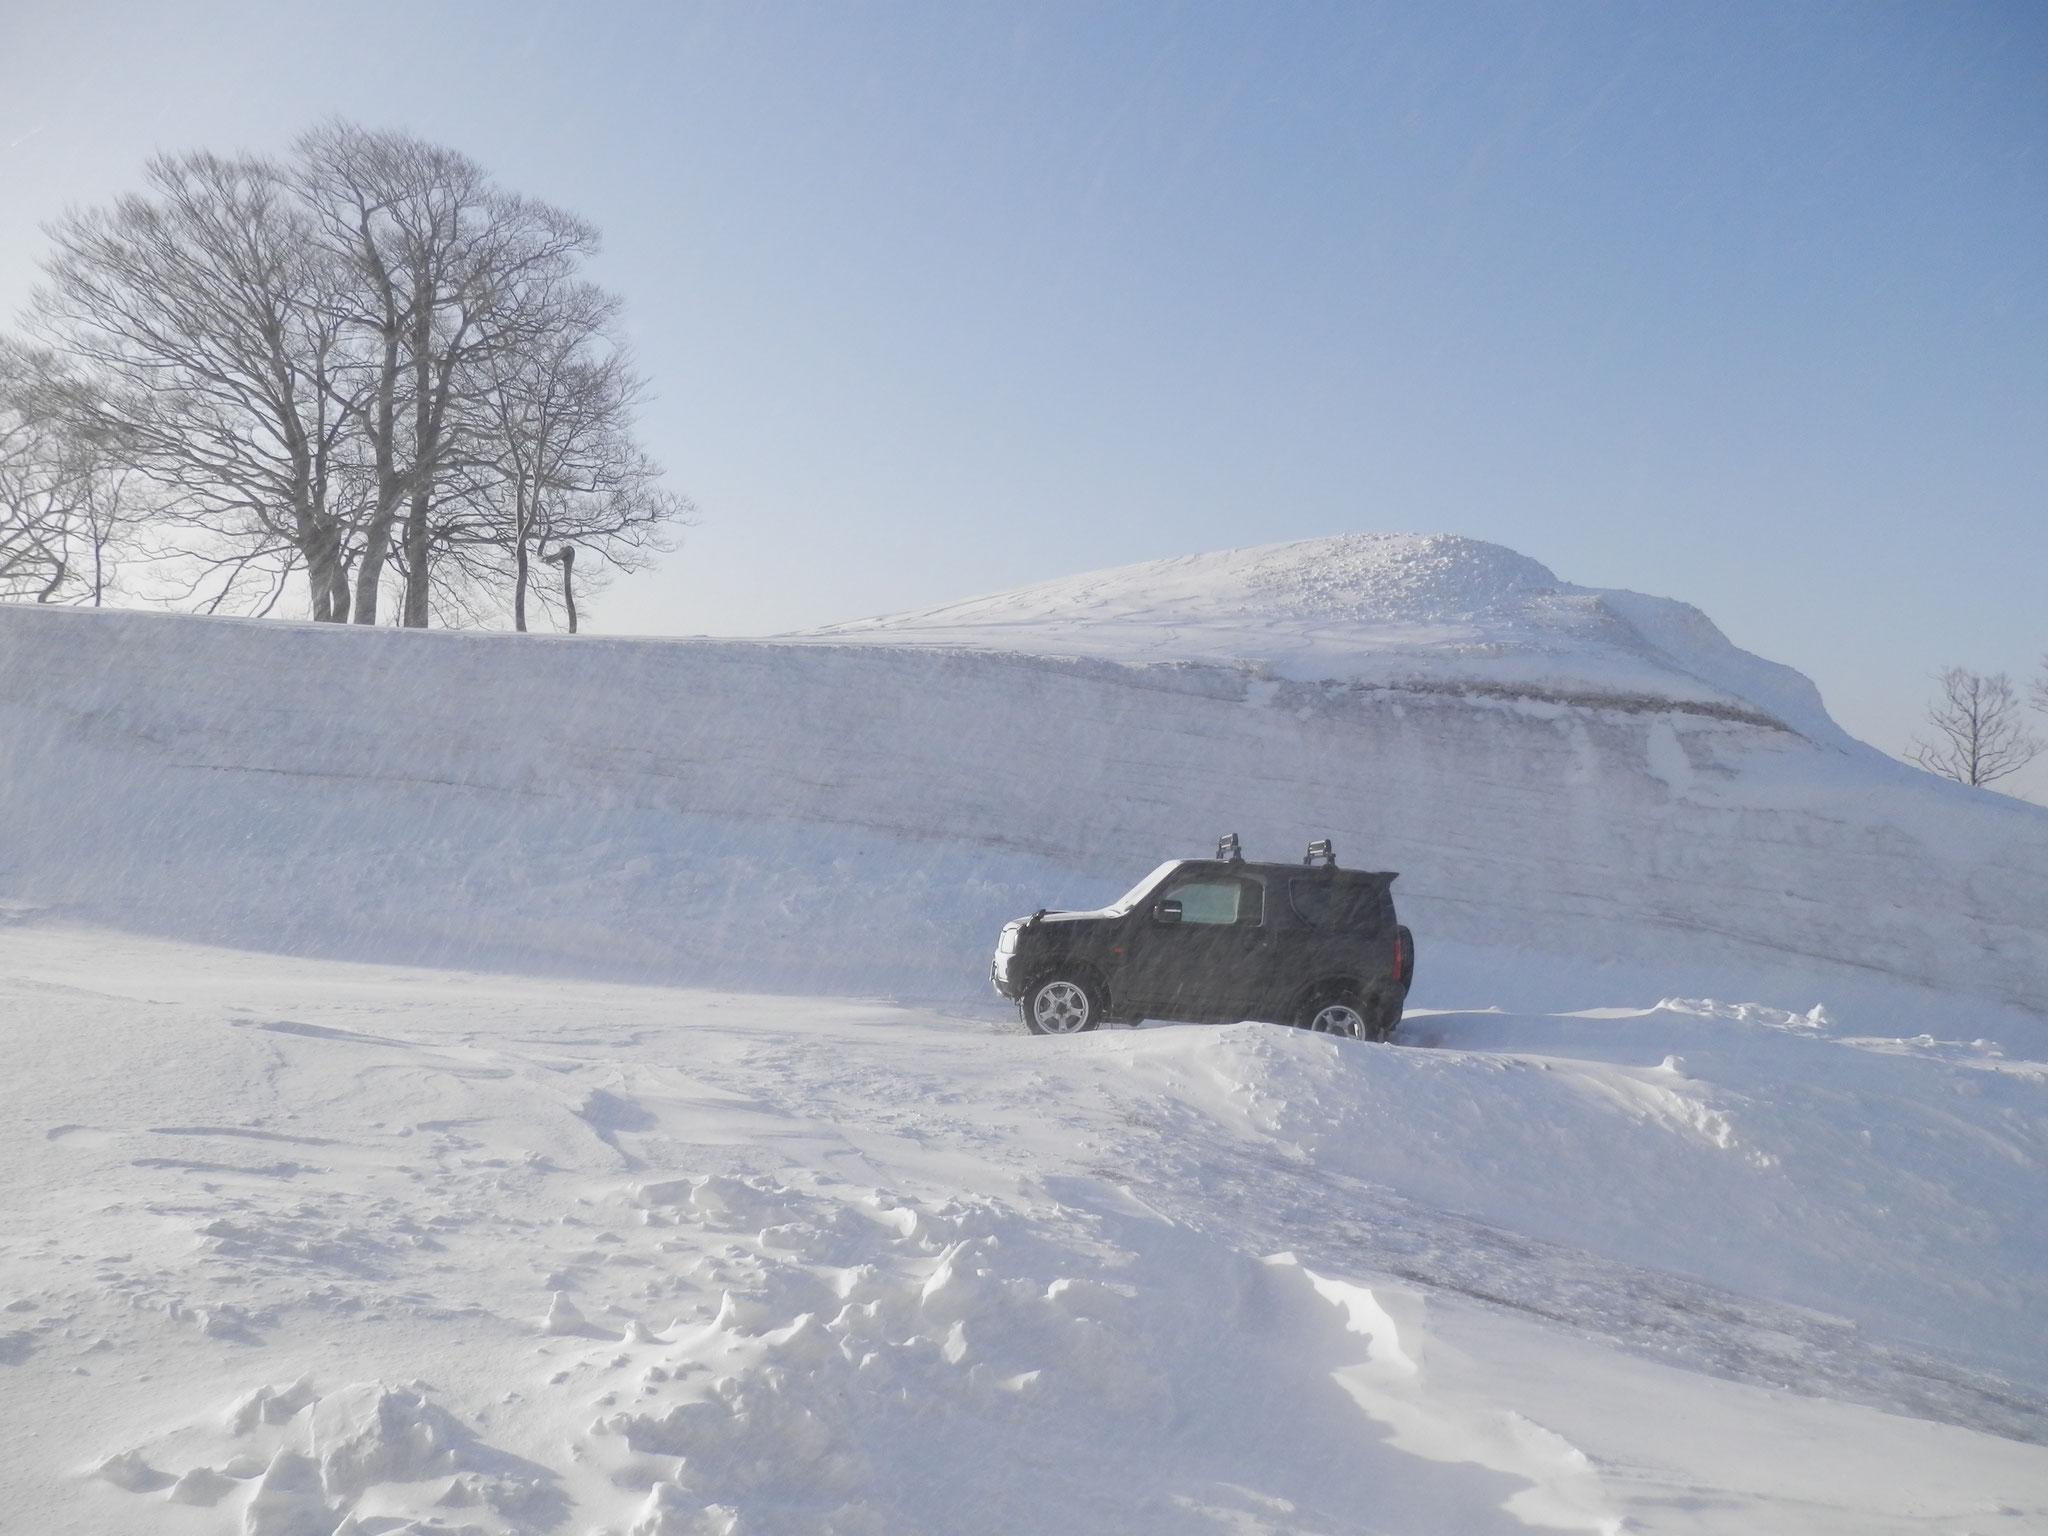 吹雪で雪が飛ばされてそれほど積もった感はありません